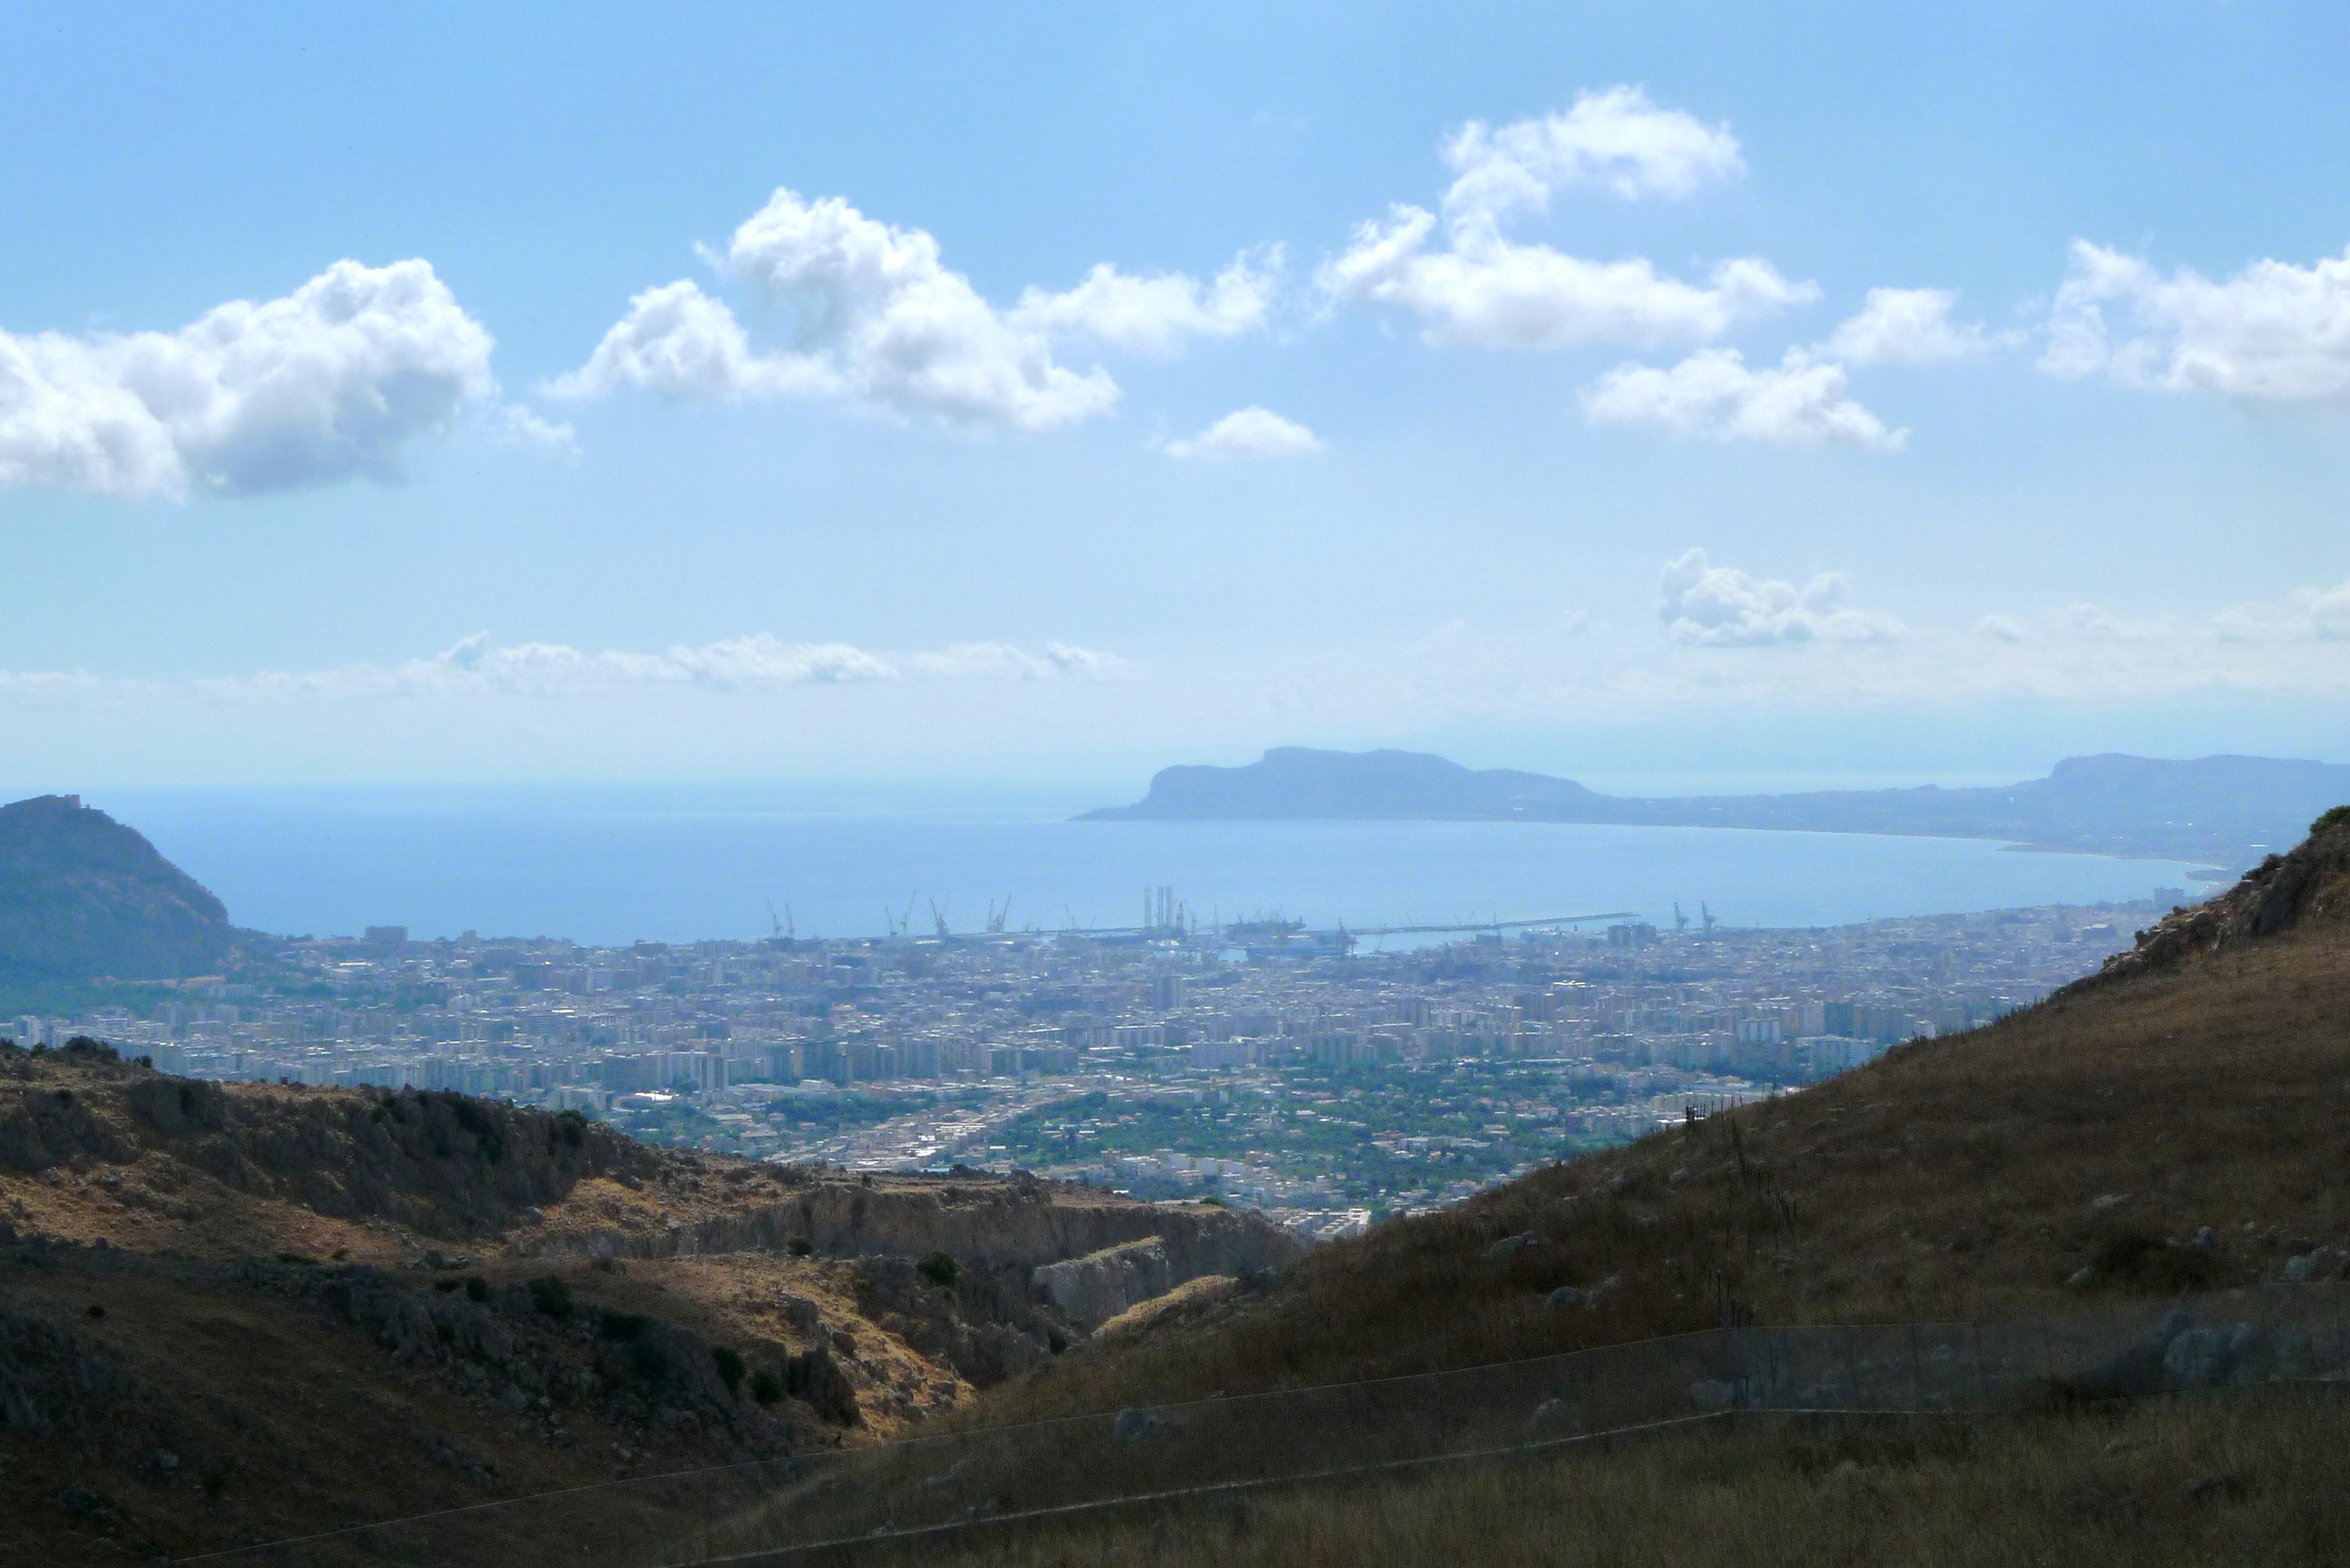 Golfe de Palerme depuis Bellolampo